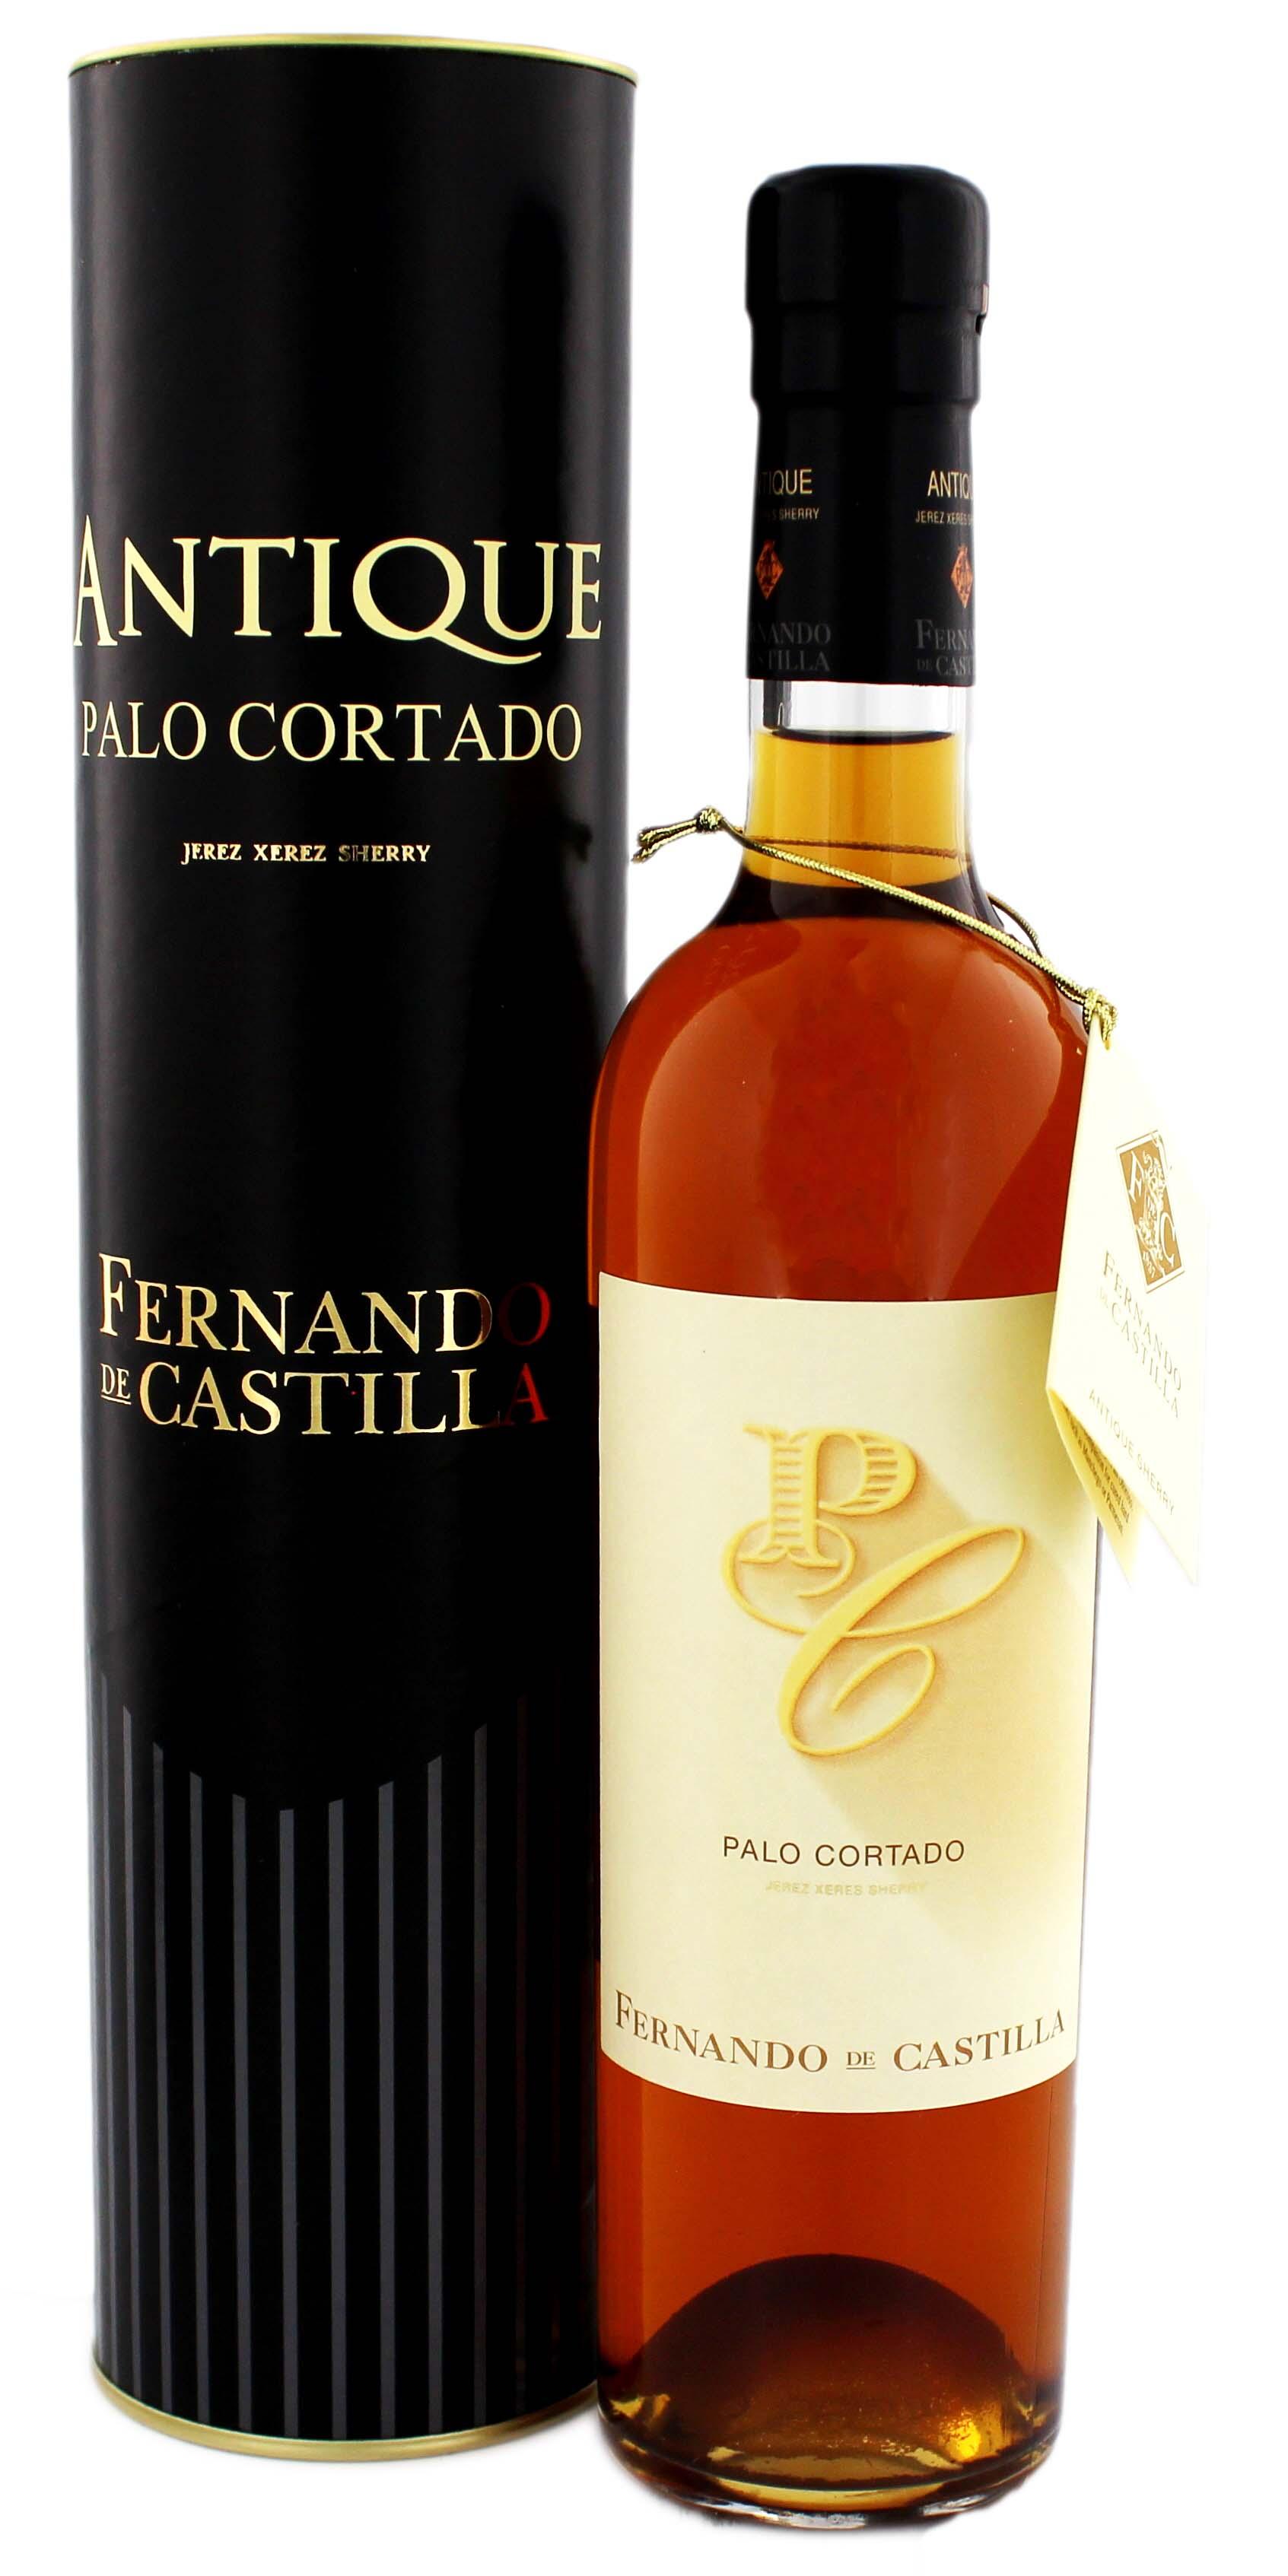 Fernando de Castilla Sherry Palo Cortado Antique, 0,5 L, 20%